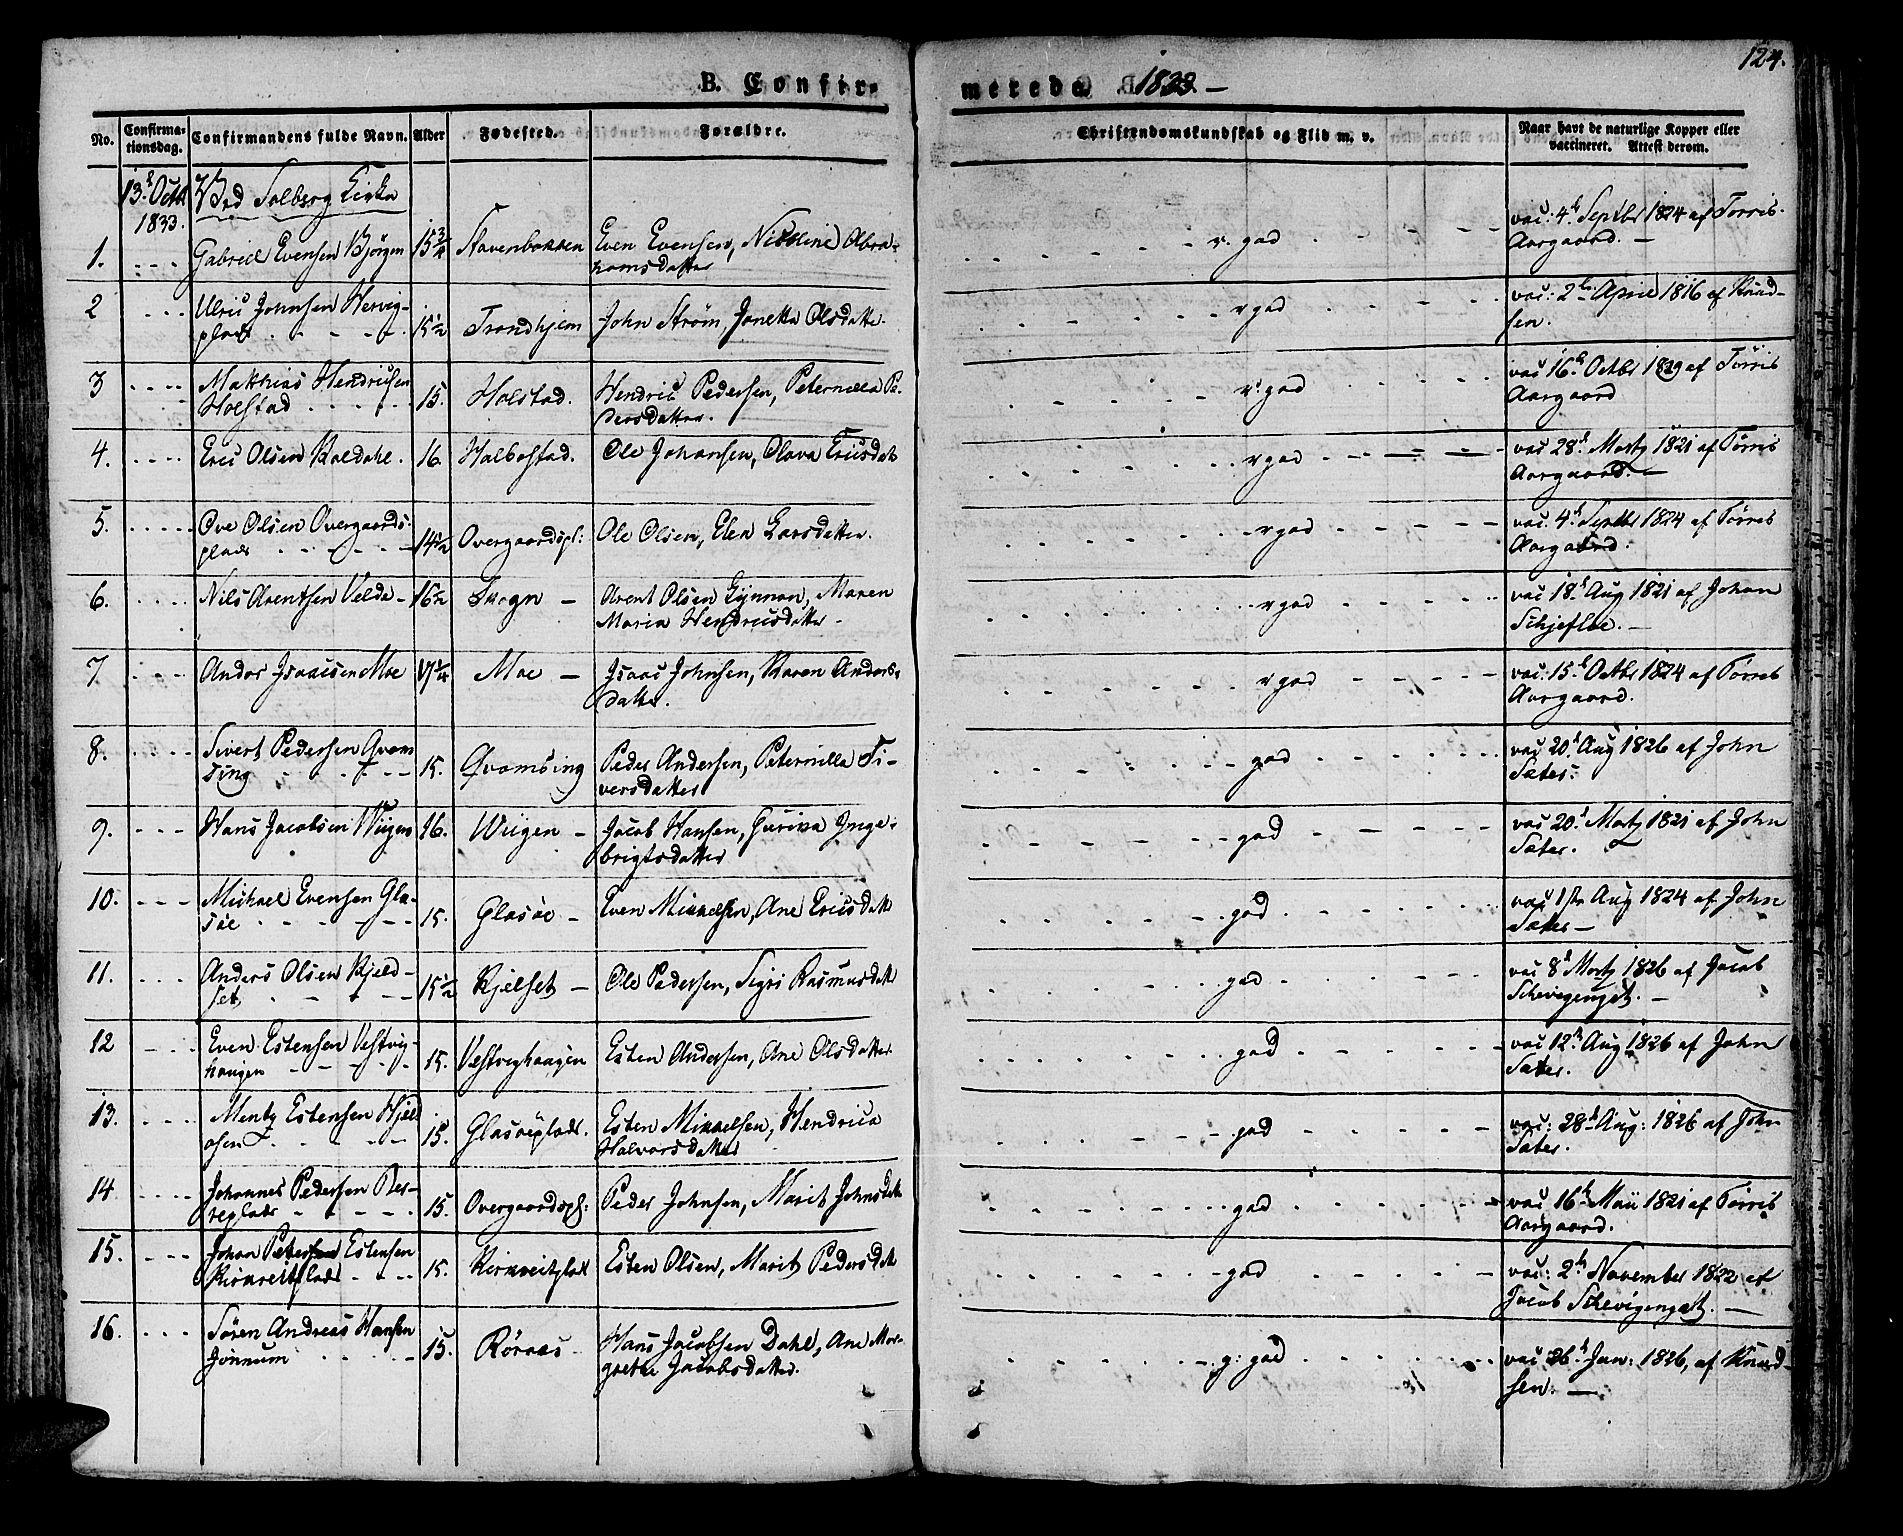 SAT, Ministerialprotokoller, klokkerbøker og fødselsregistre - Nord-Trøndelag, 741/L0390: Ministerialbok nr. 741A04, 1822-1836, s. 124